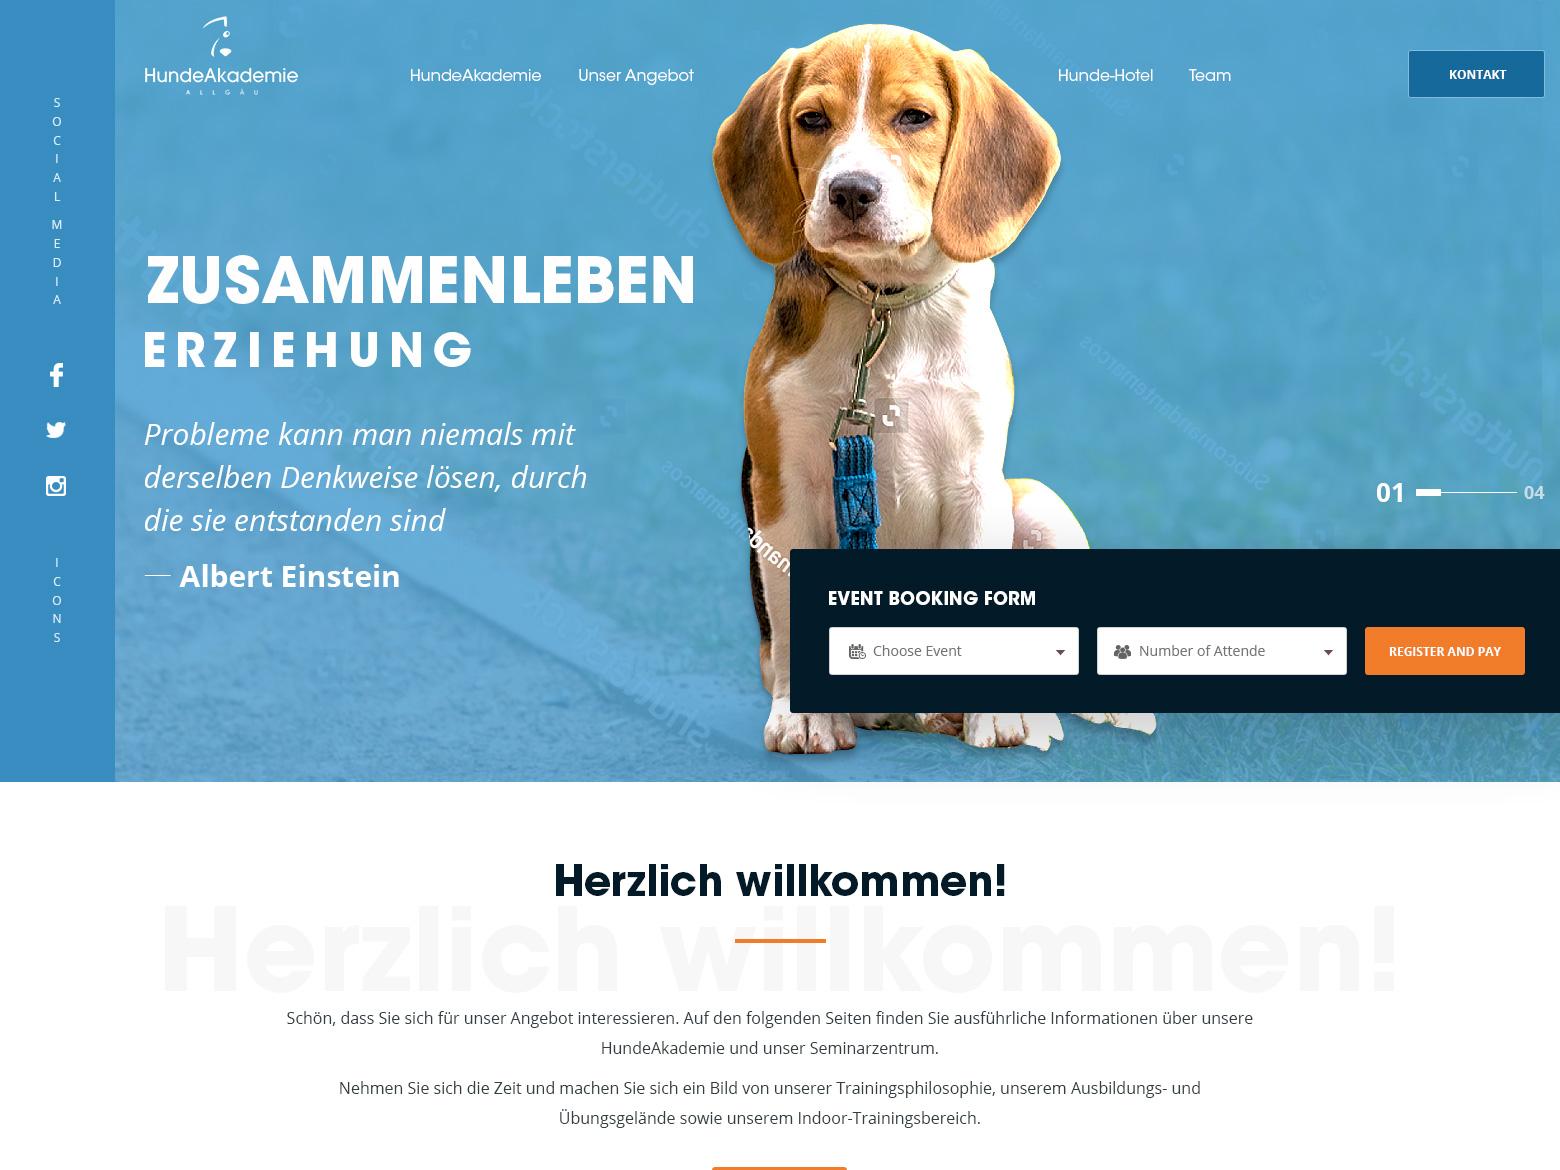 Hunde Akademie Allgu webdesign design hunde akademie allgu esolzwebdesign ui typography illustration professional